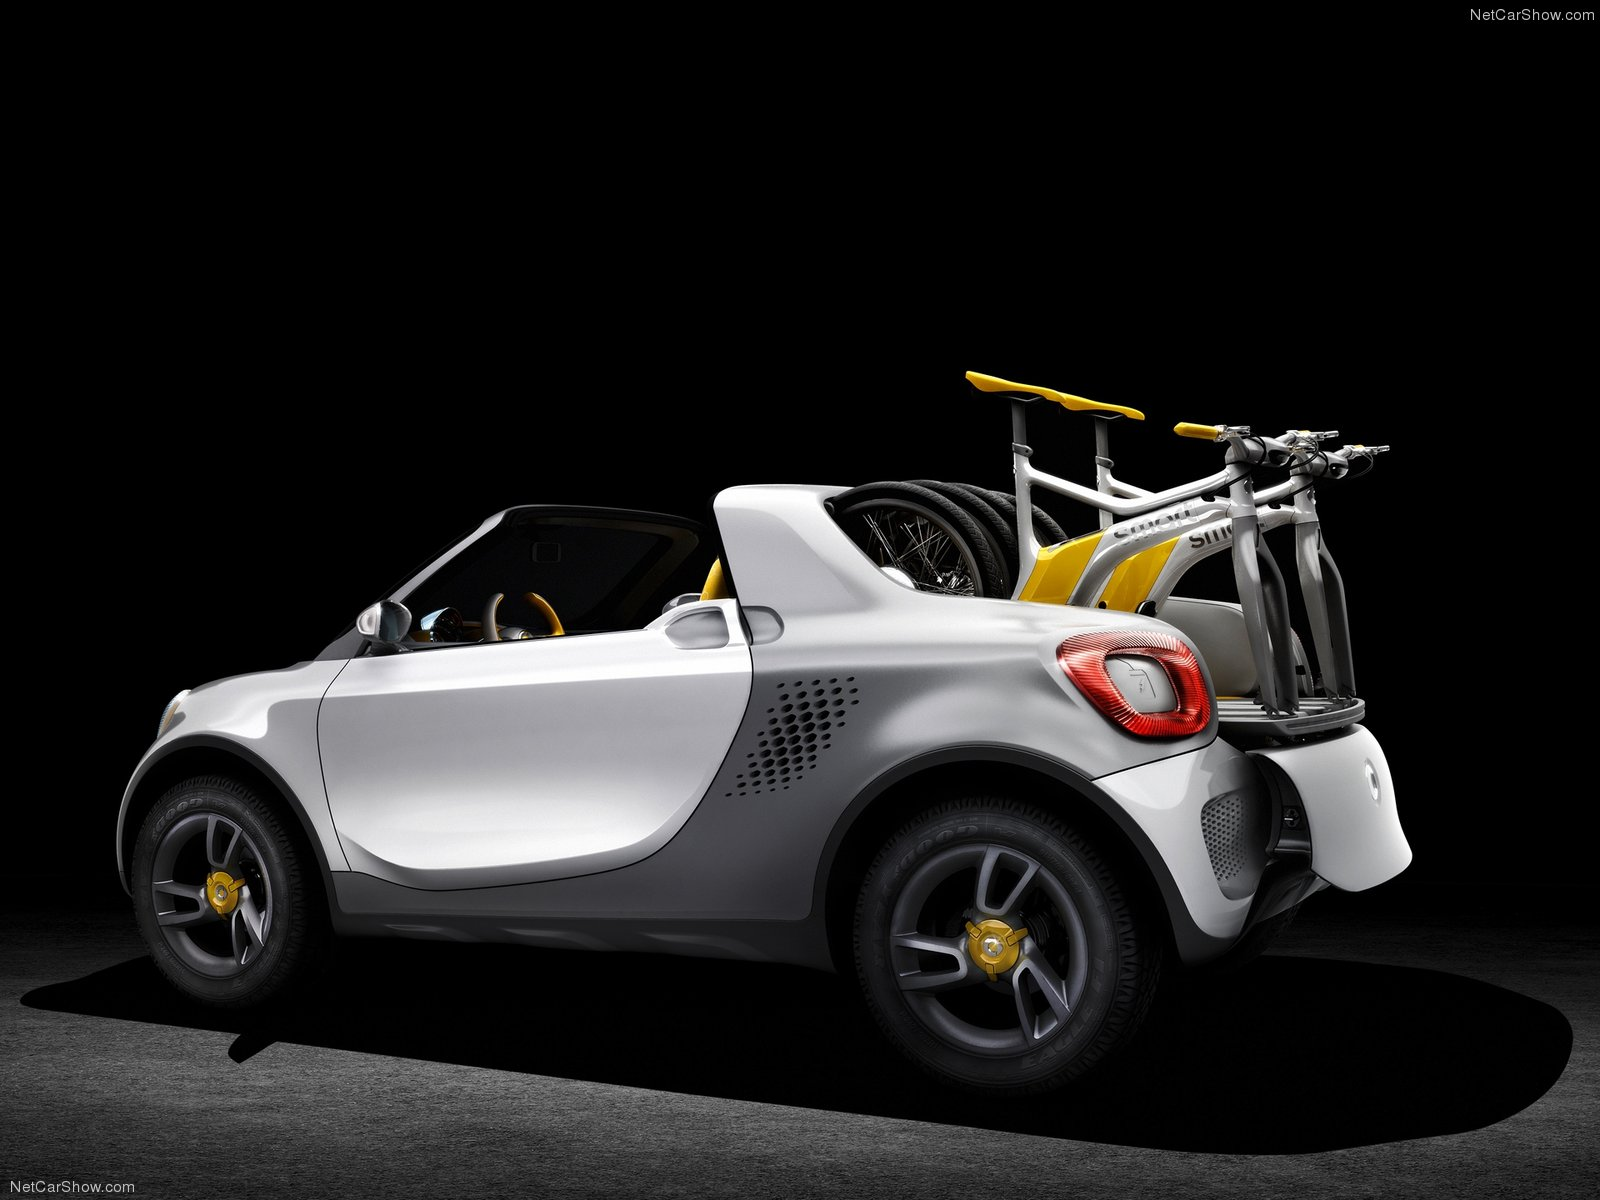 Hình ảnh xe ô tô Smart for-us Concept 2012 & nội ngoại thất